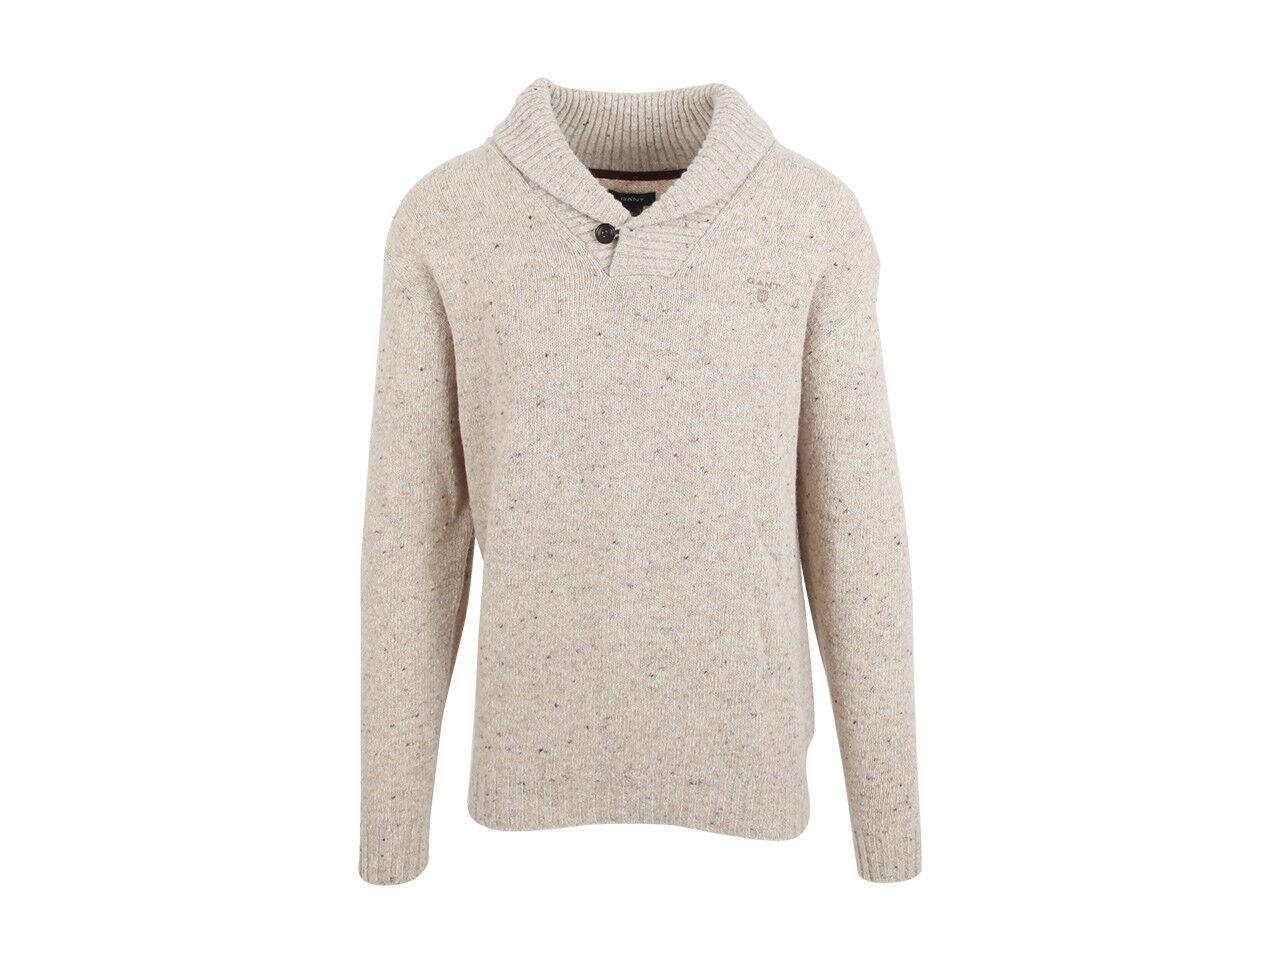 Gant Herren Pullover Sweater Jumper Größe 2XL Lammwolle & Nylon Beige